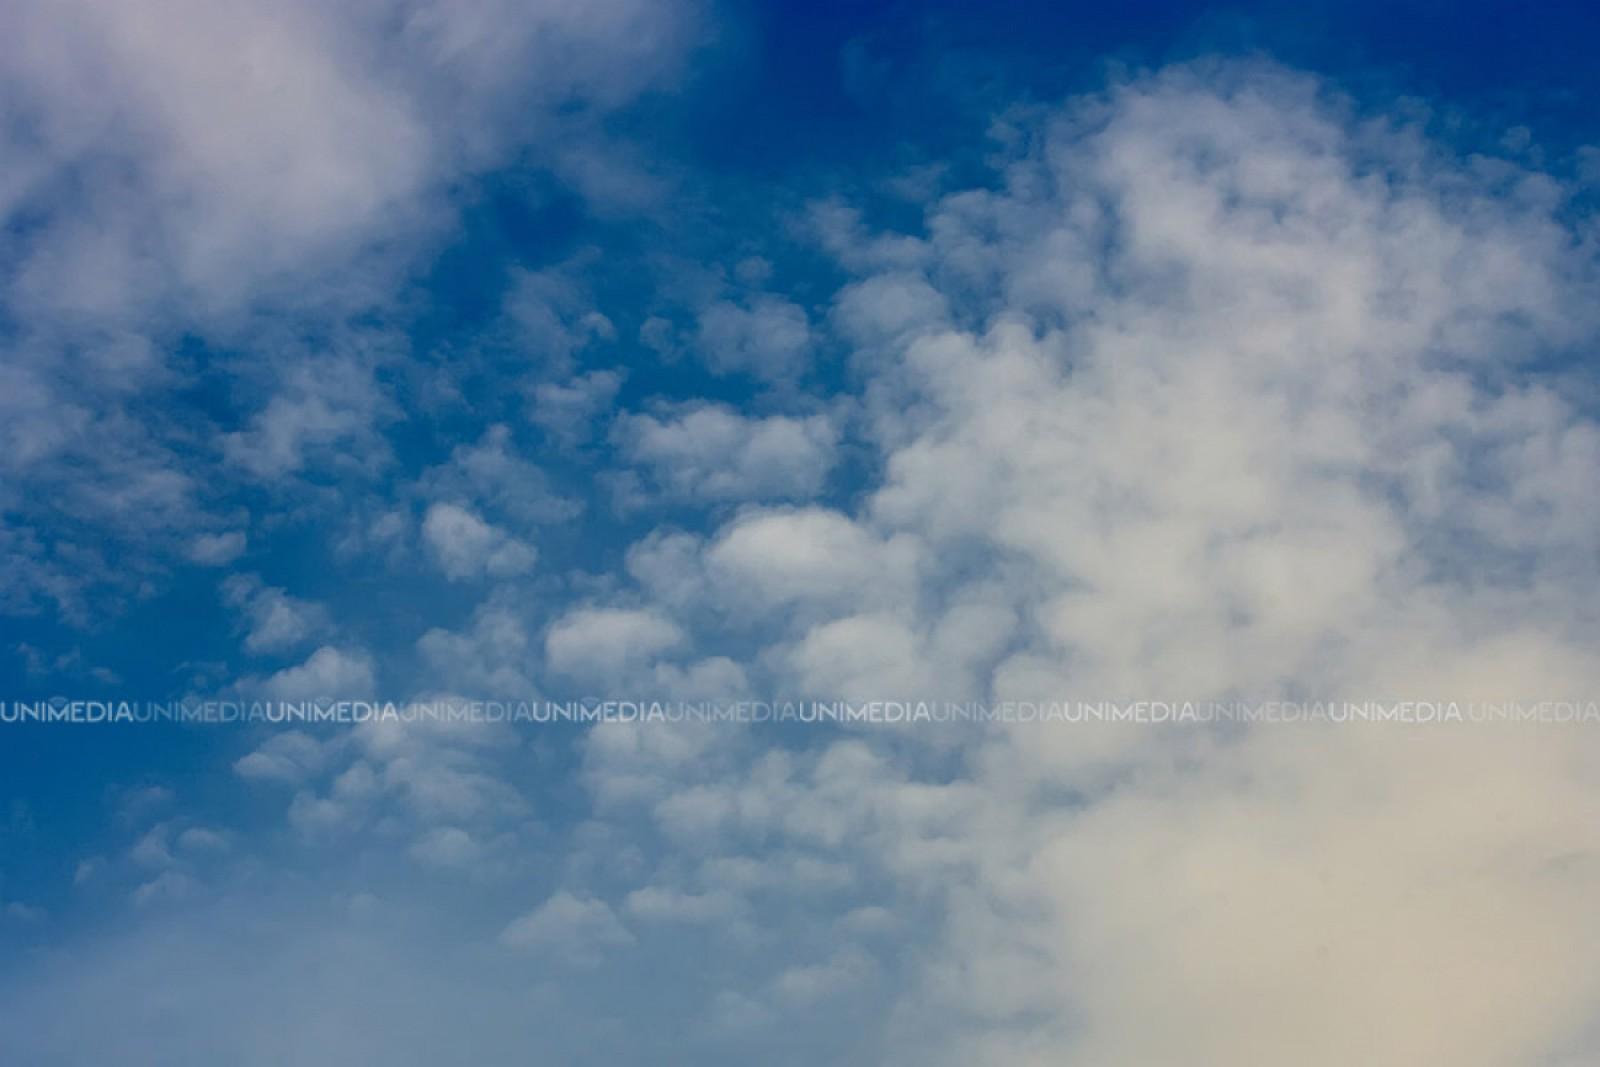 Prognoza meteo: Cer variabil și 25 de grade Celsius se așteaptă astăzi în țară